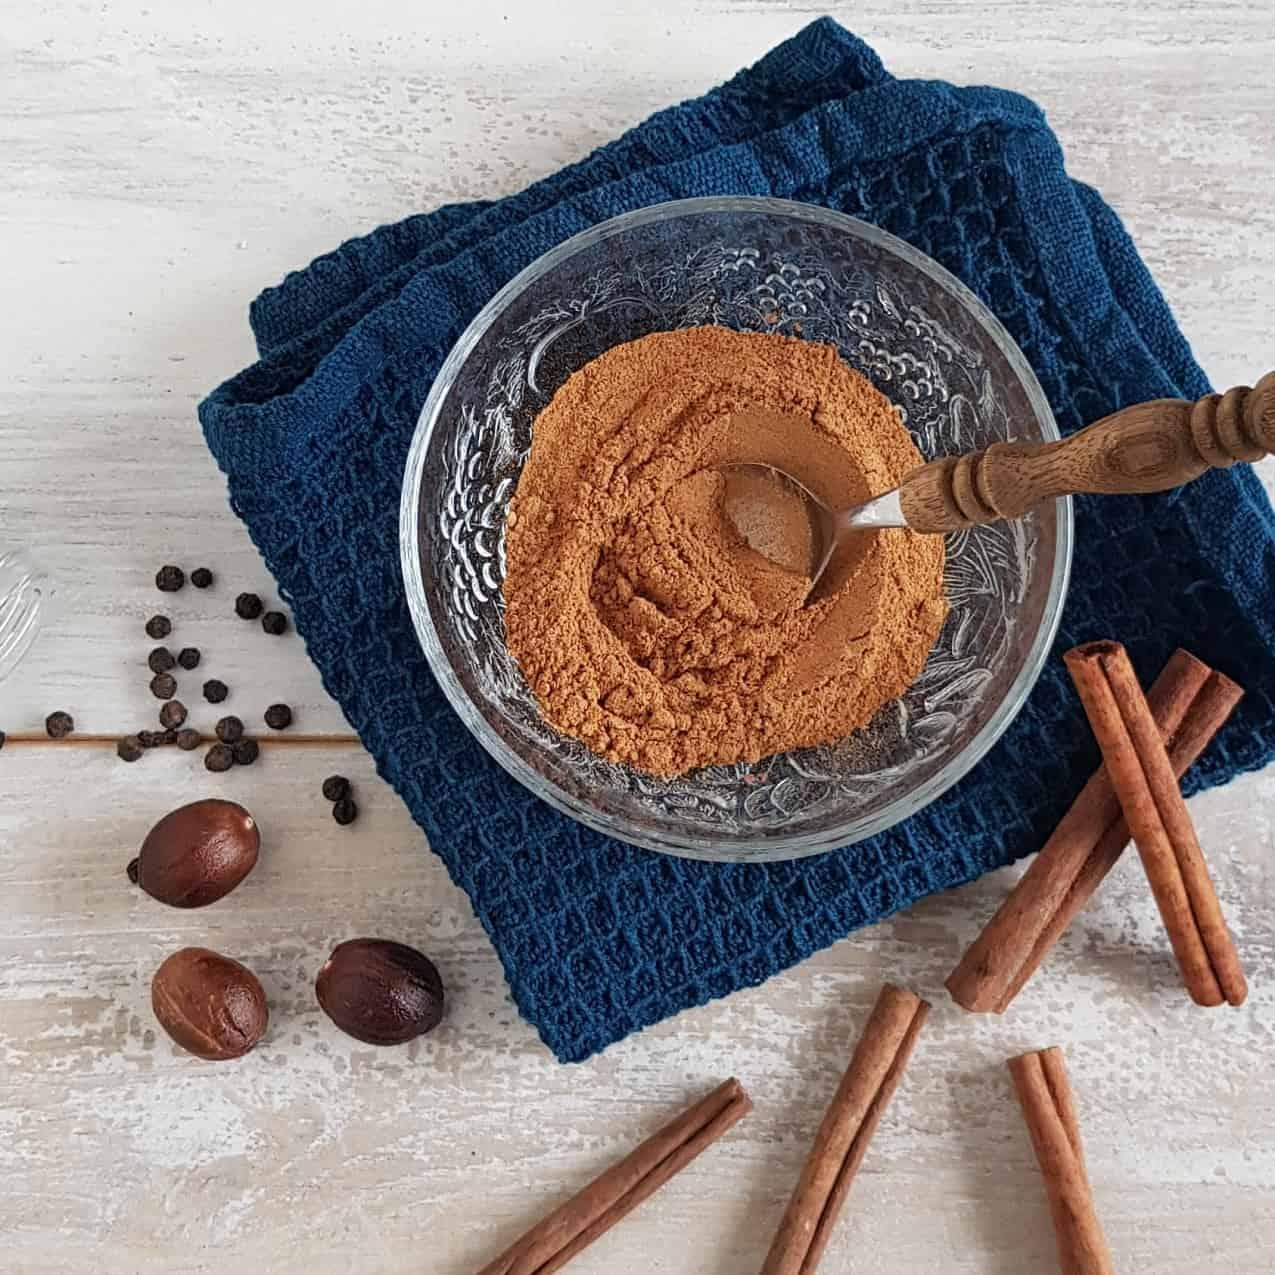 Zels speculaaskruiden maken - Koekkruiden